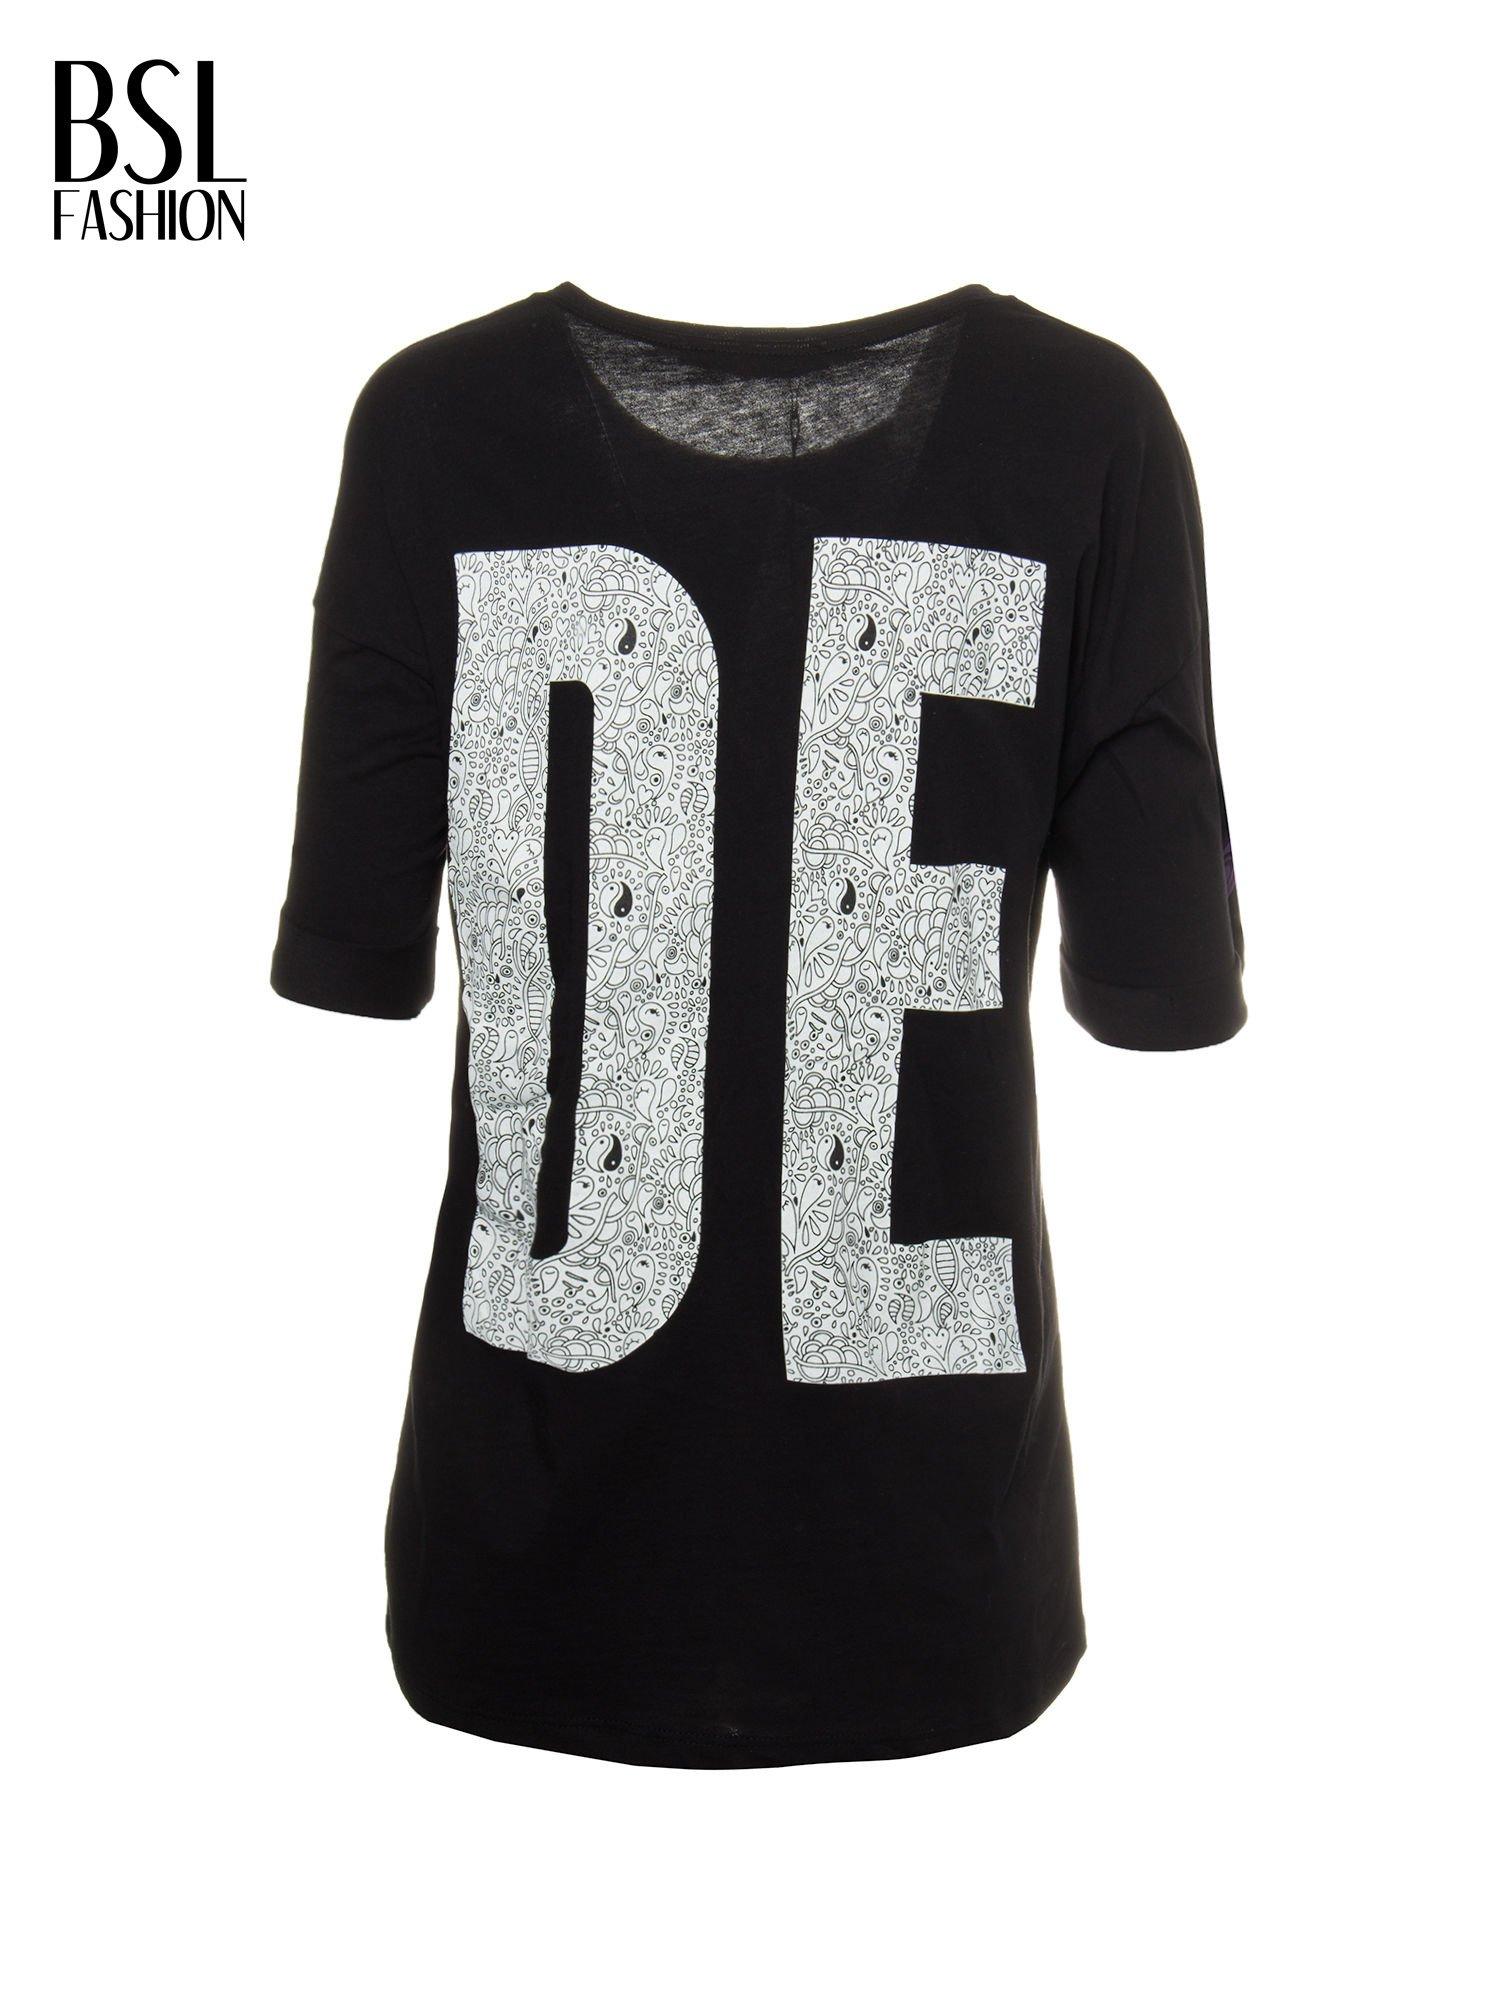 Czarny t-shirt z nadukiem DUDE z przodu i na plecach                                  zdj.                                  2